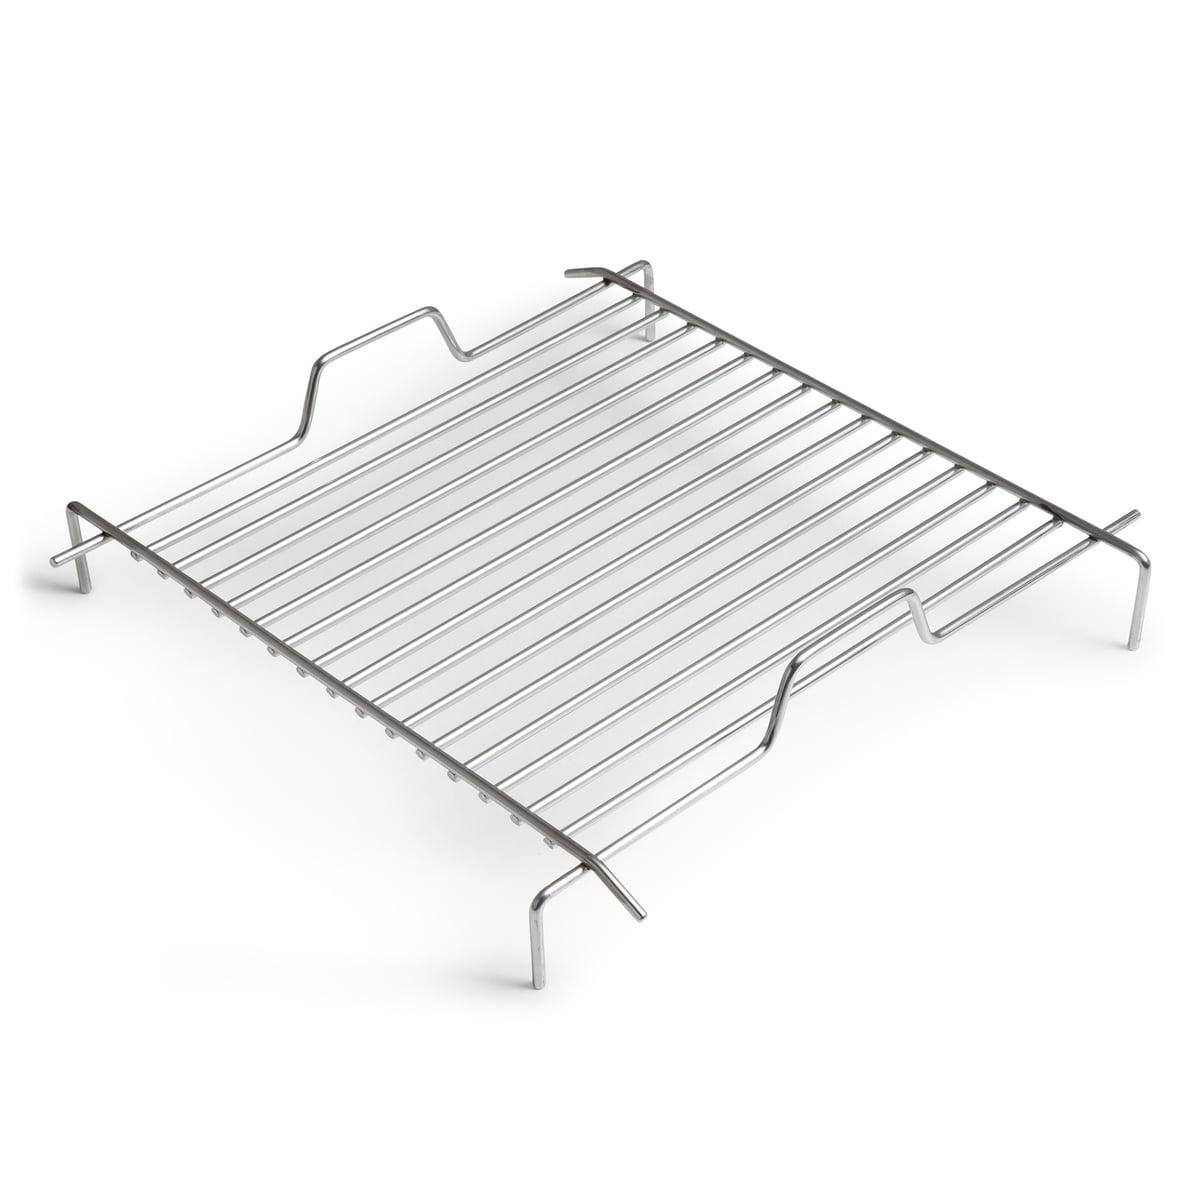 höfats - Cube Grillrost   Garten > Grill und Zubehör   Höfats